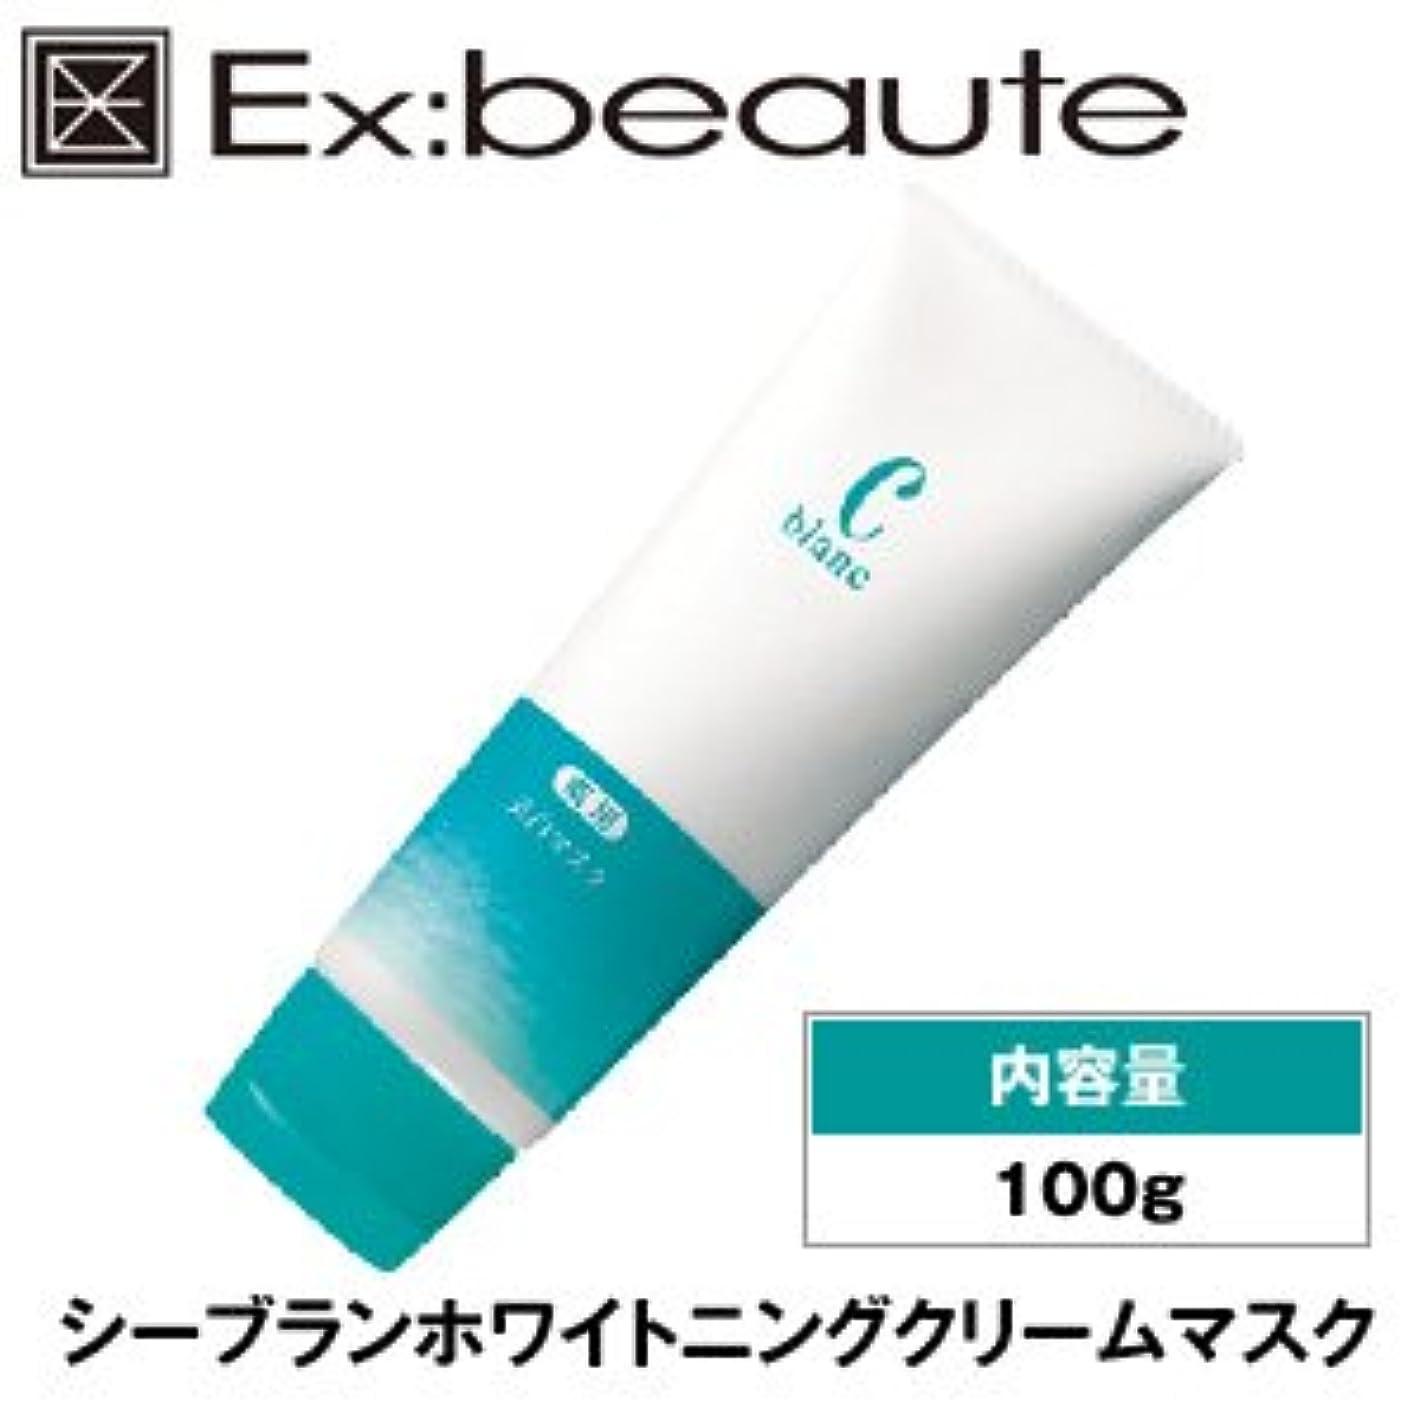 スピリチュアル革命的上院Ex:beaute (エクスボーテ) シーブラン ホワイトニングクリームマスク